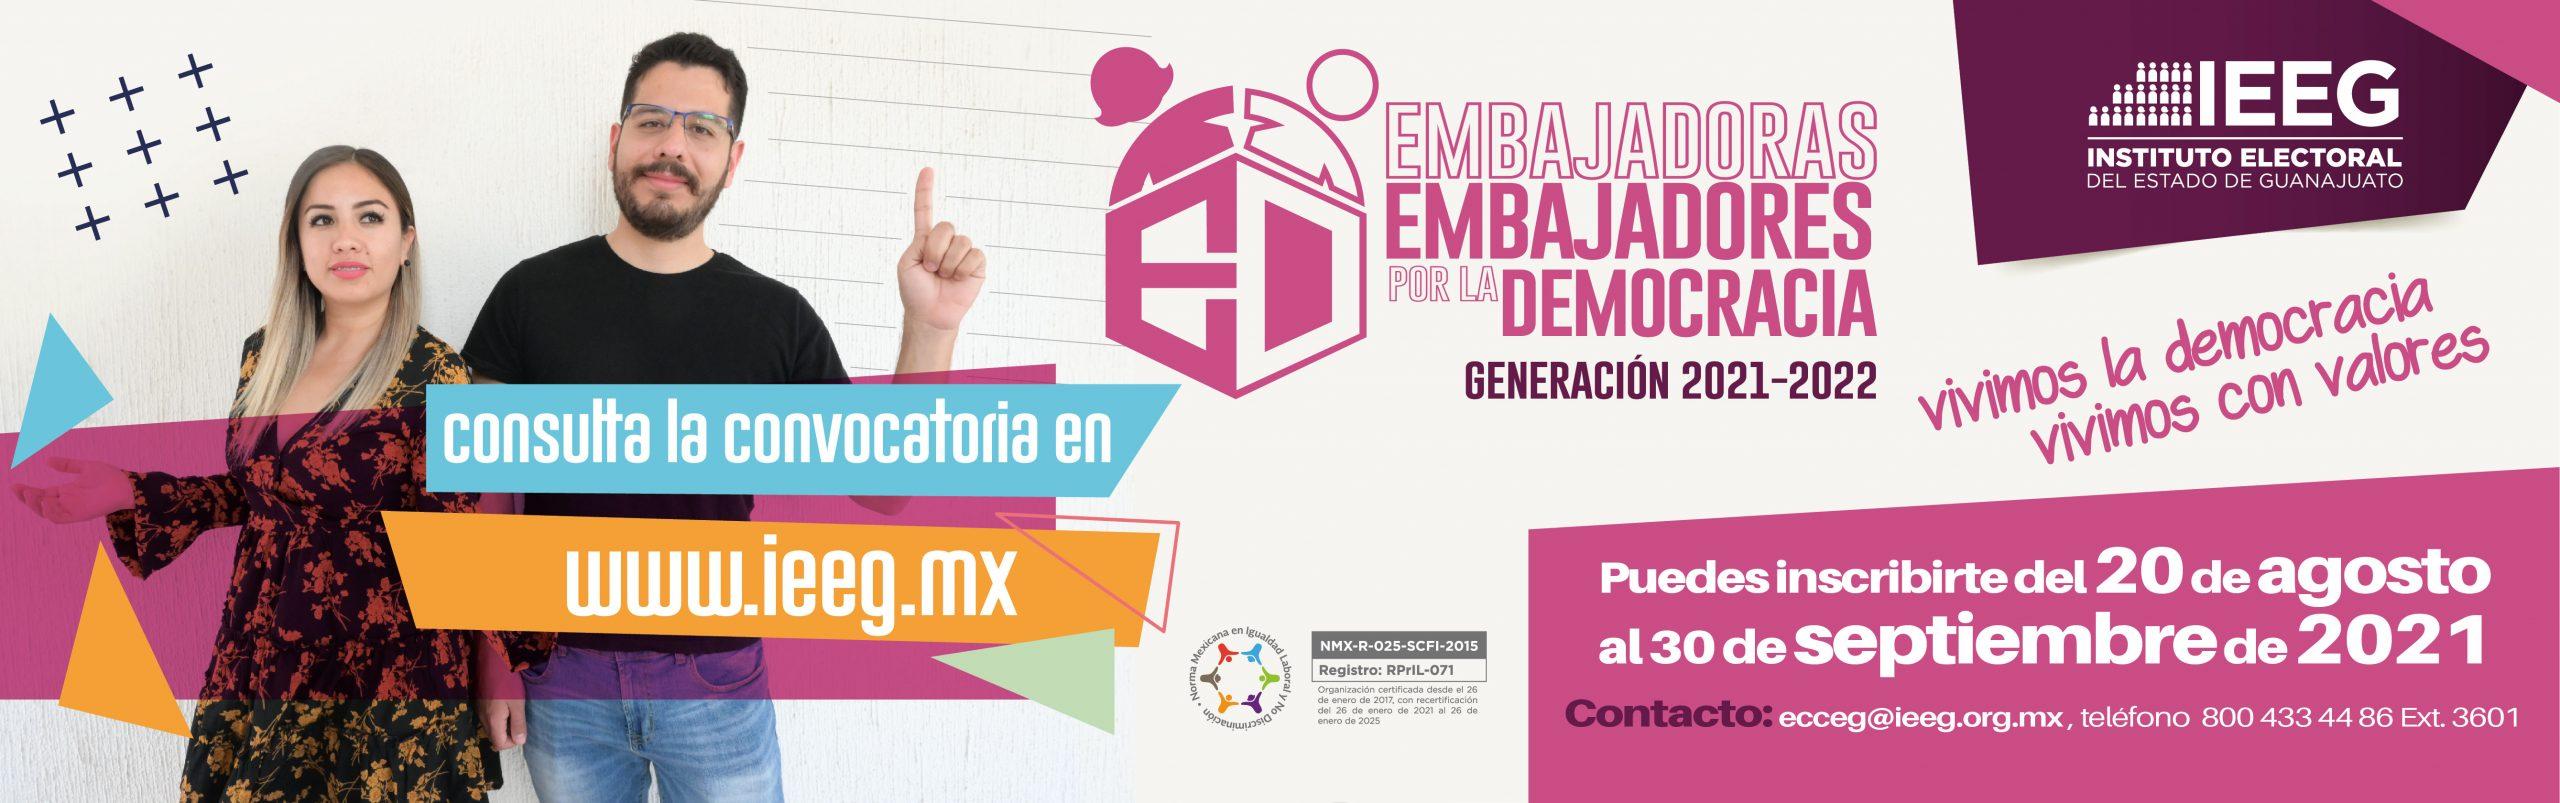 Convocatoria embajadores por la democracia 2021 - 2022. Da clic para más información